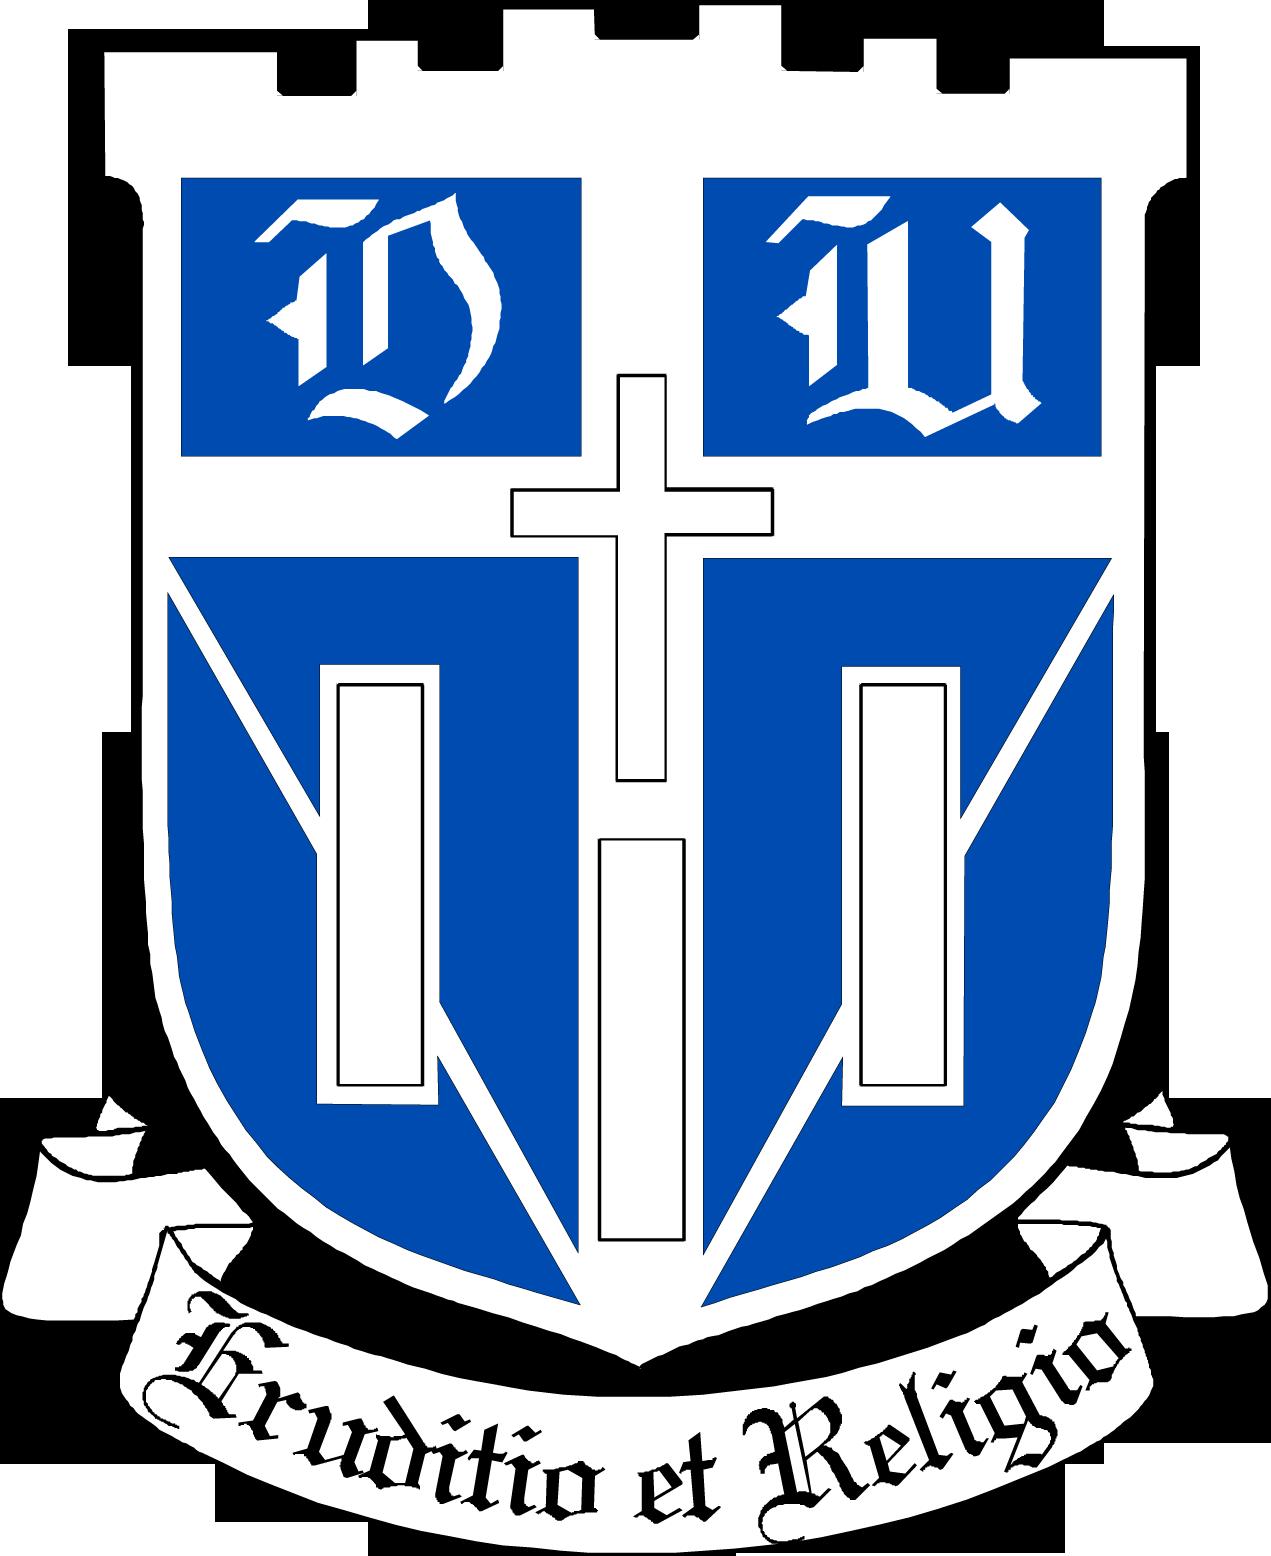 Duke University seal